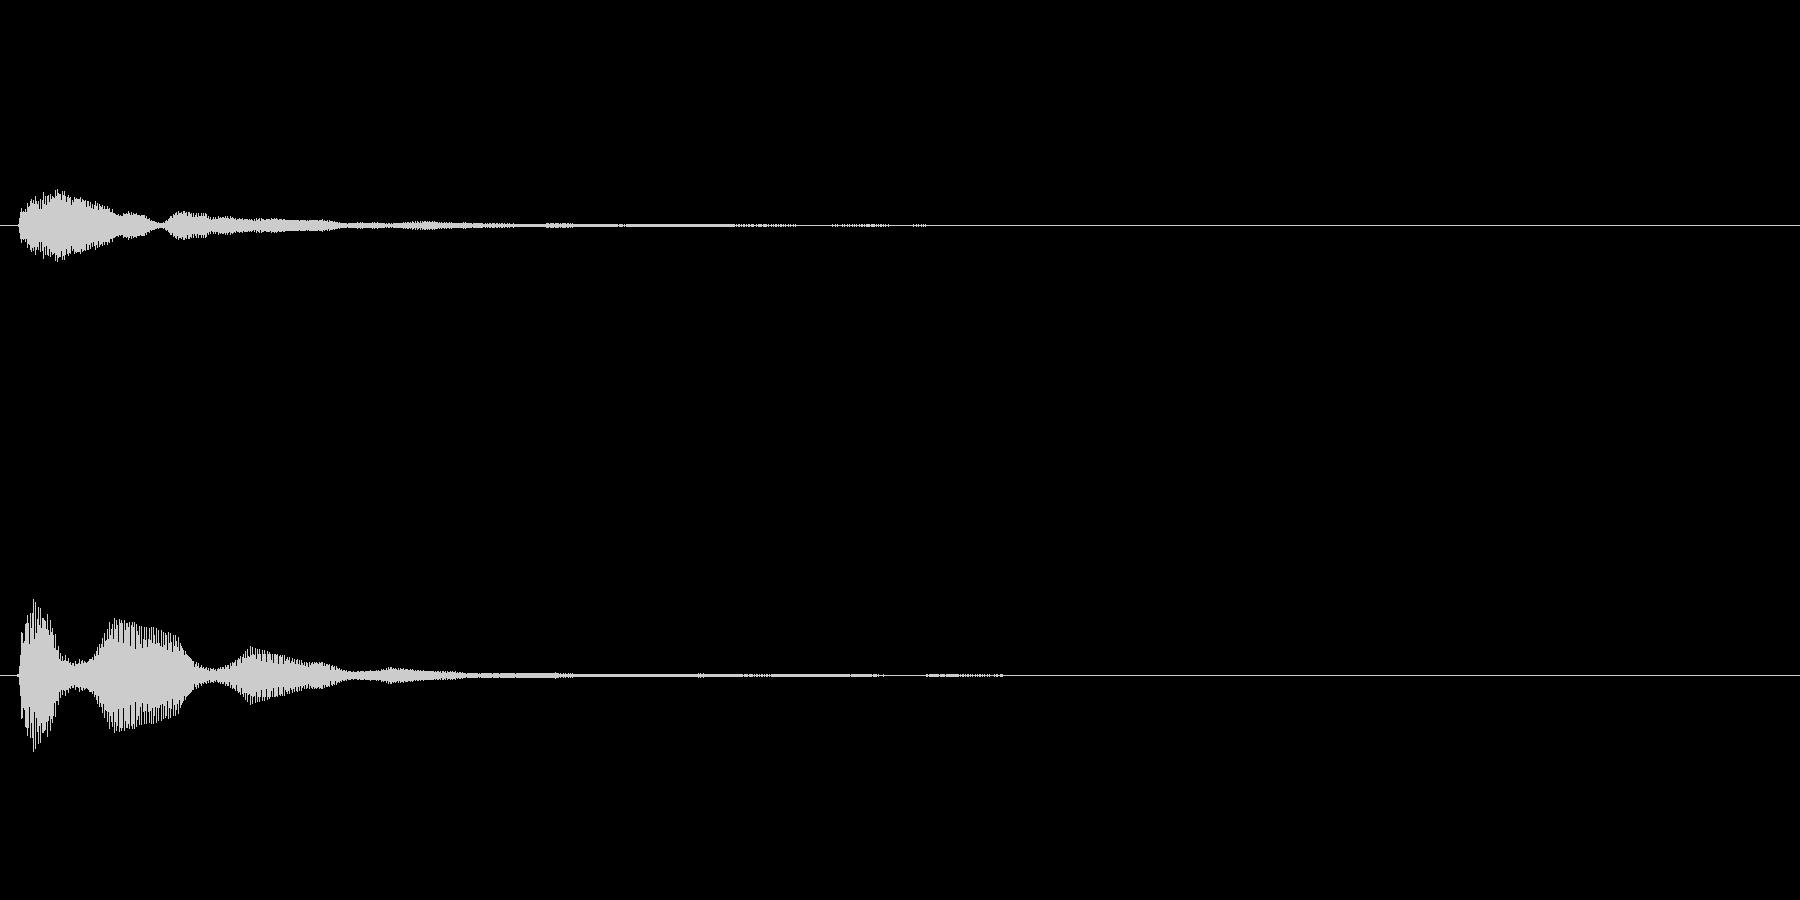 キラキラ系_055の未再生の波形